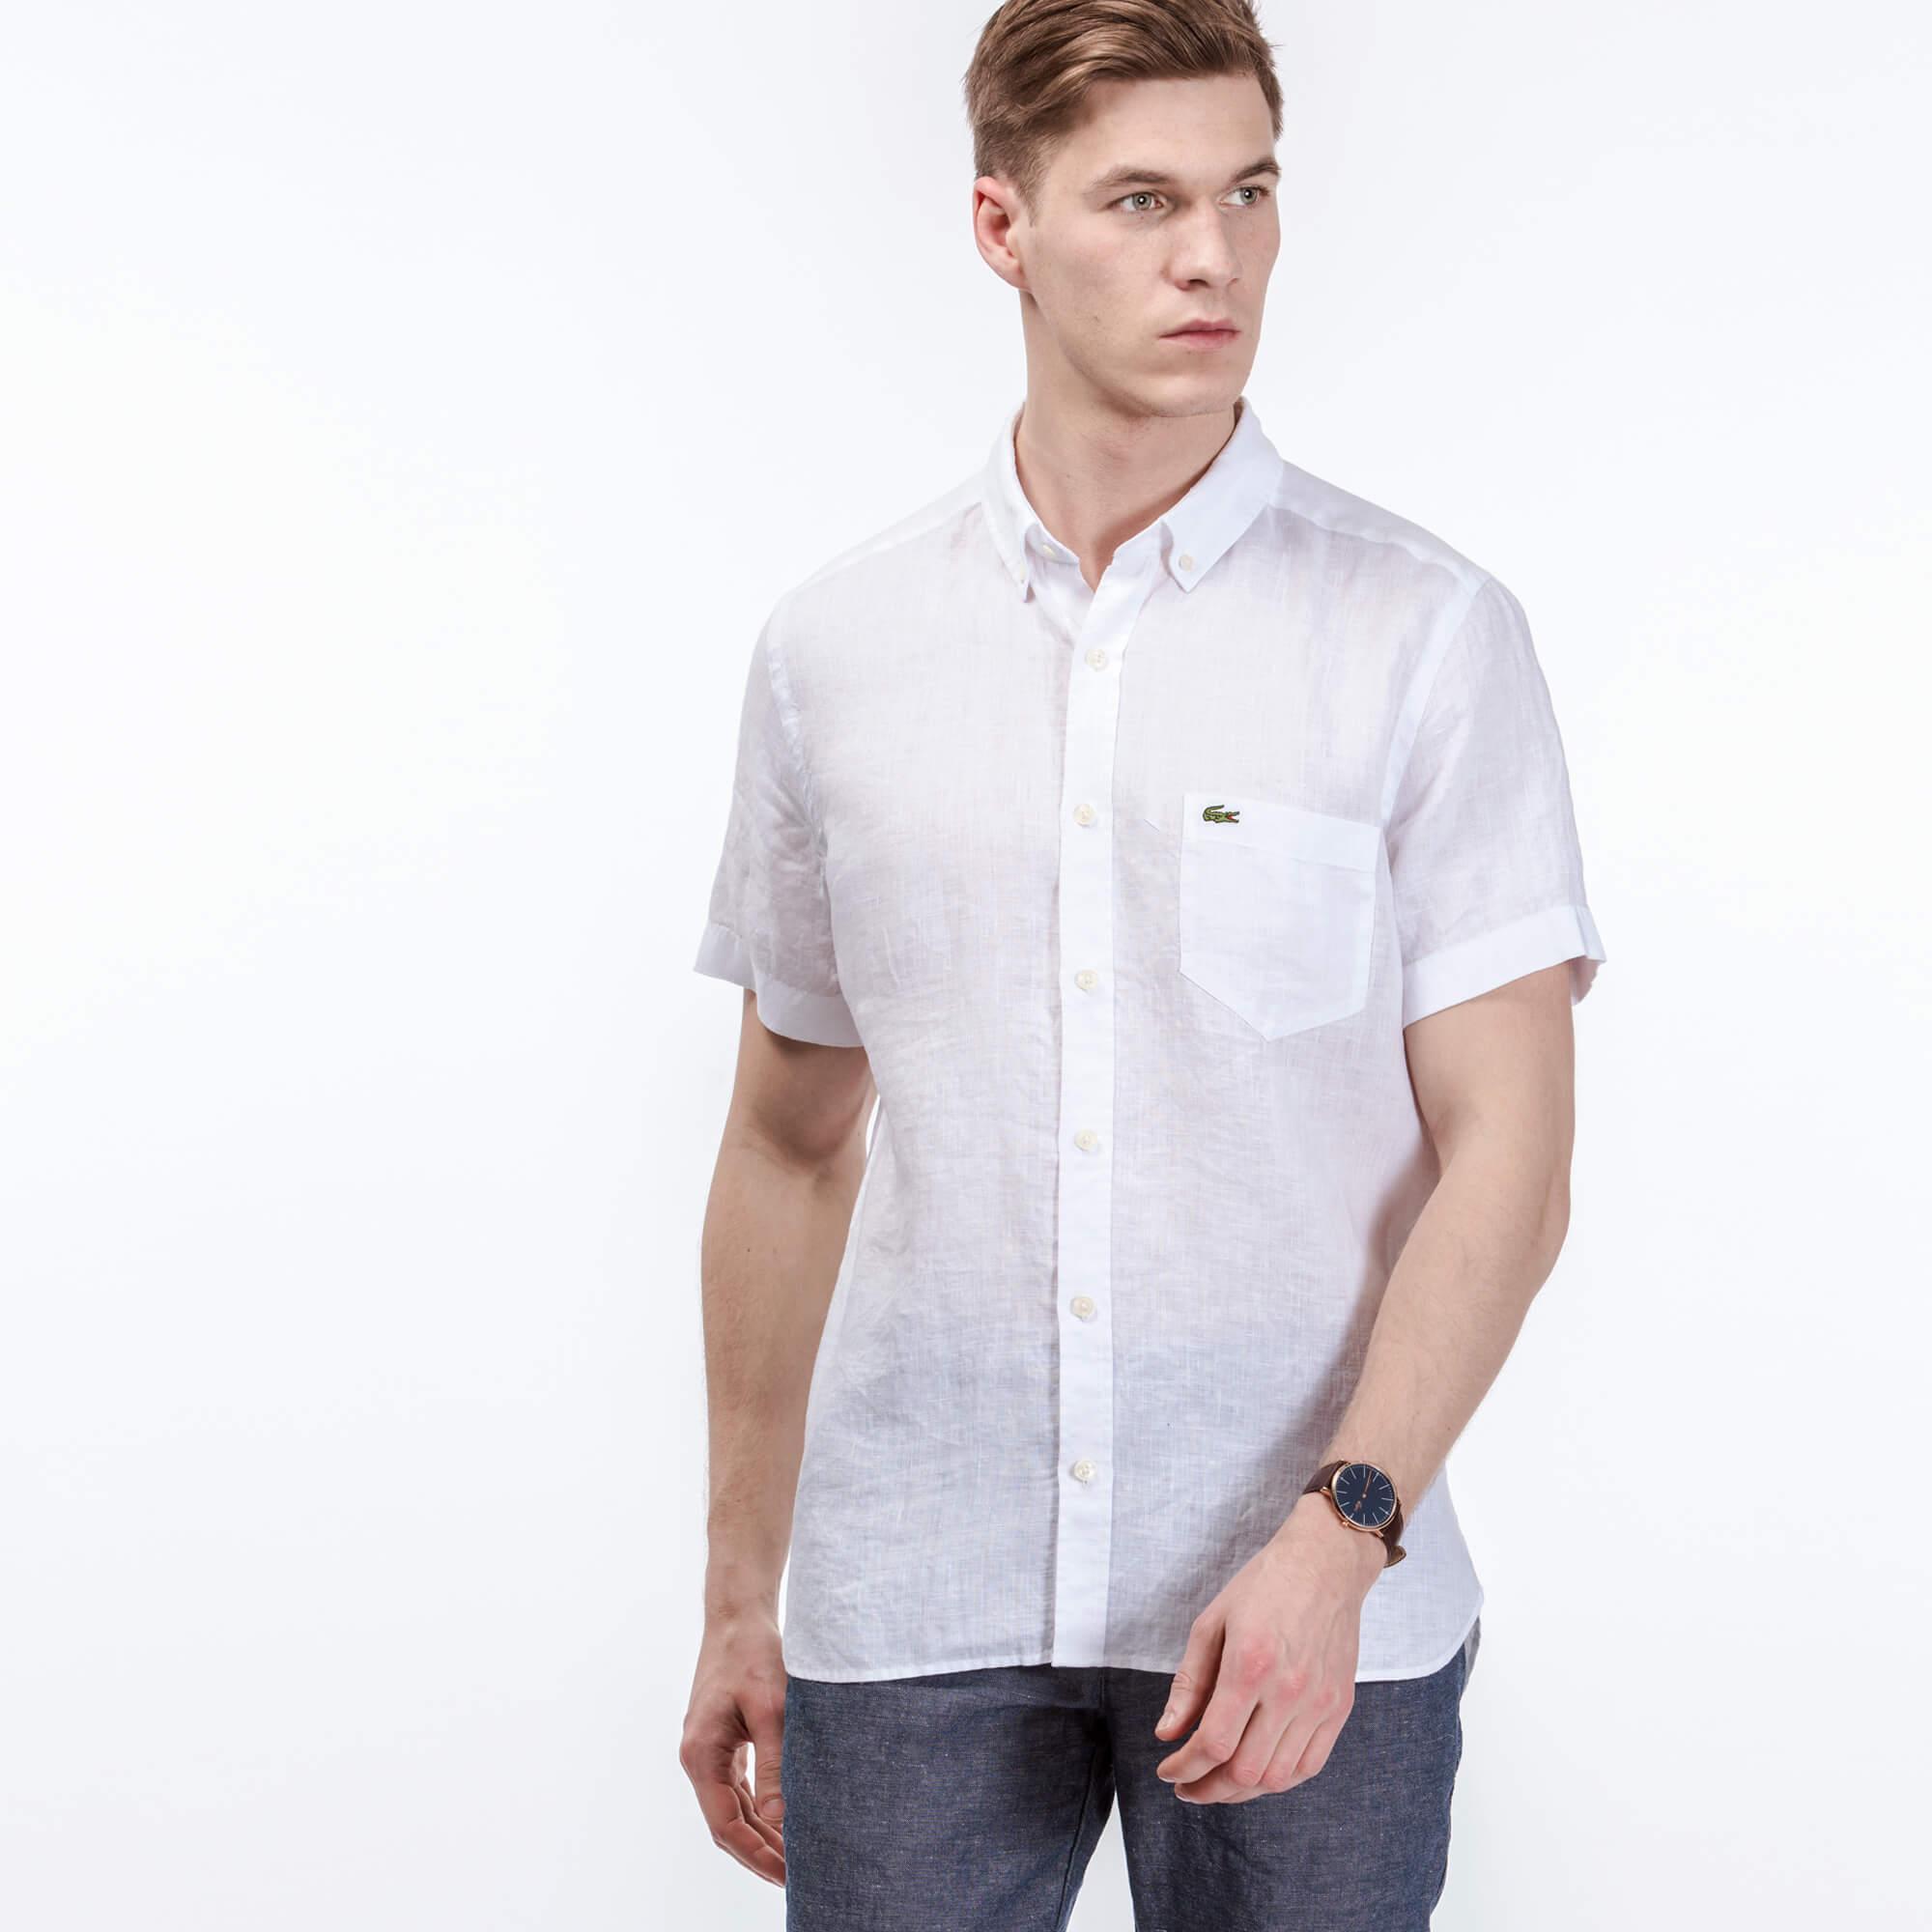 Lacoste Erkek Beyaz Keten Gömlek